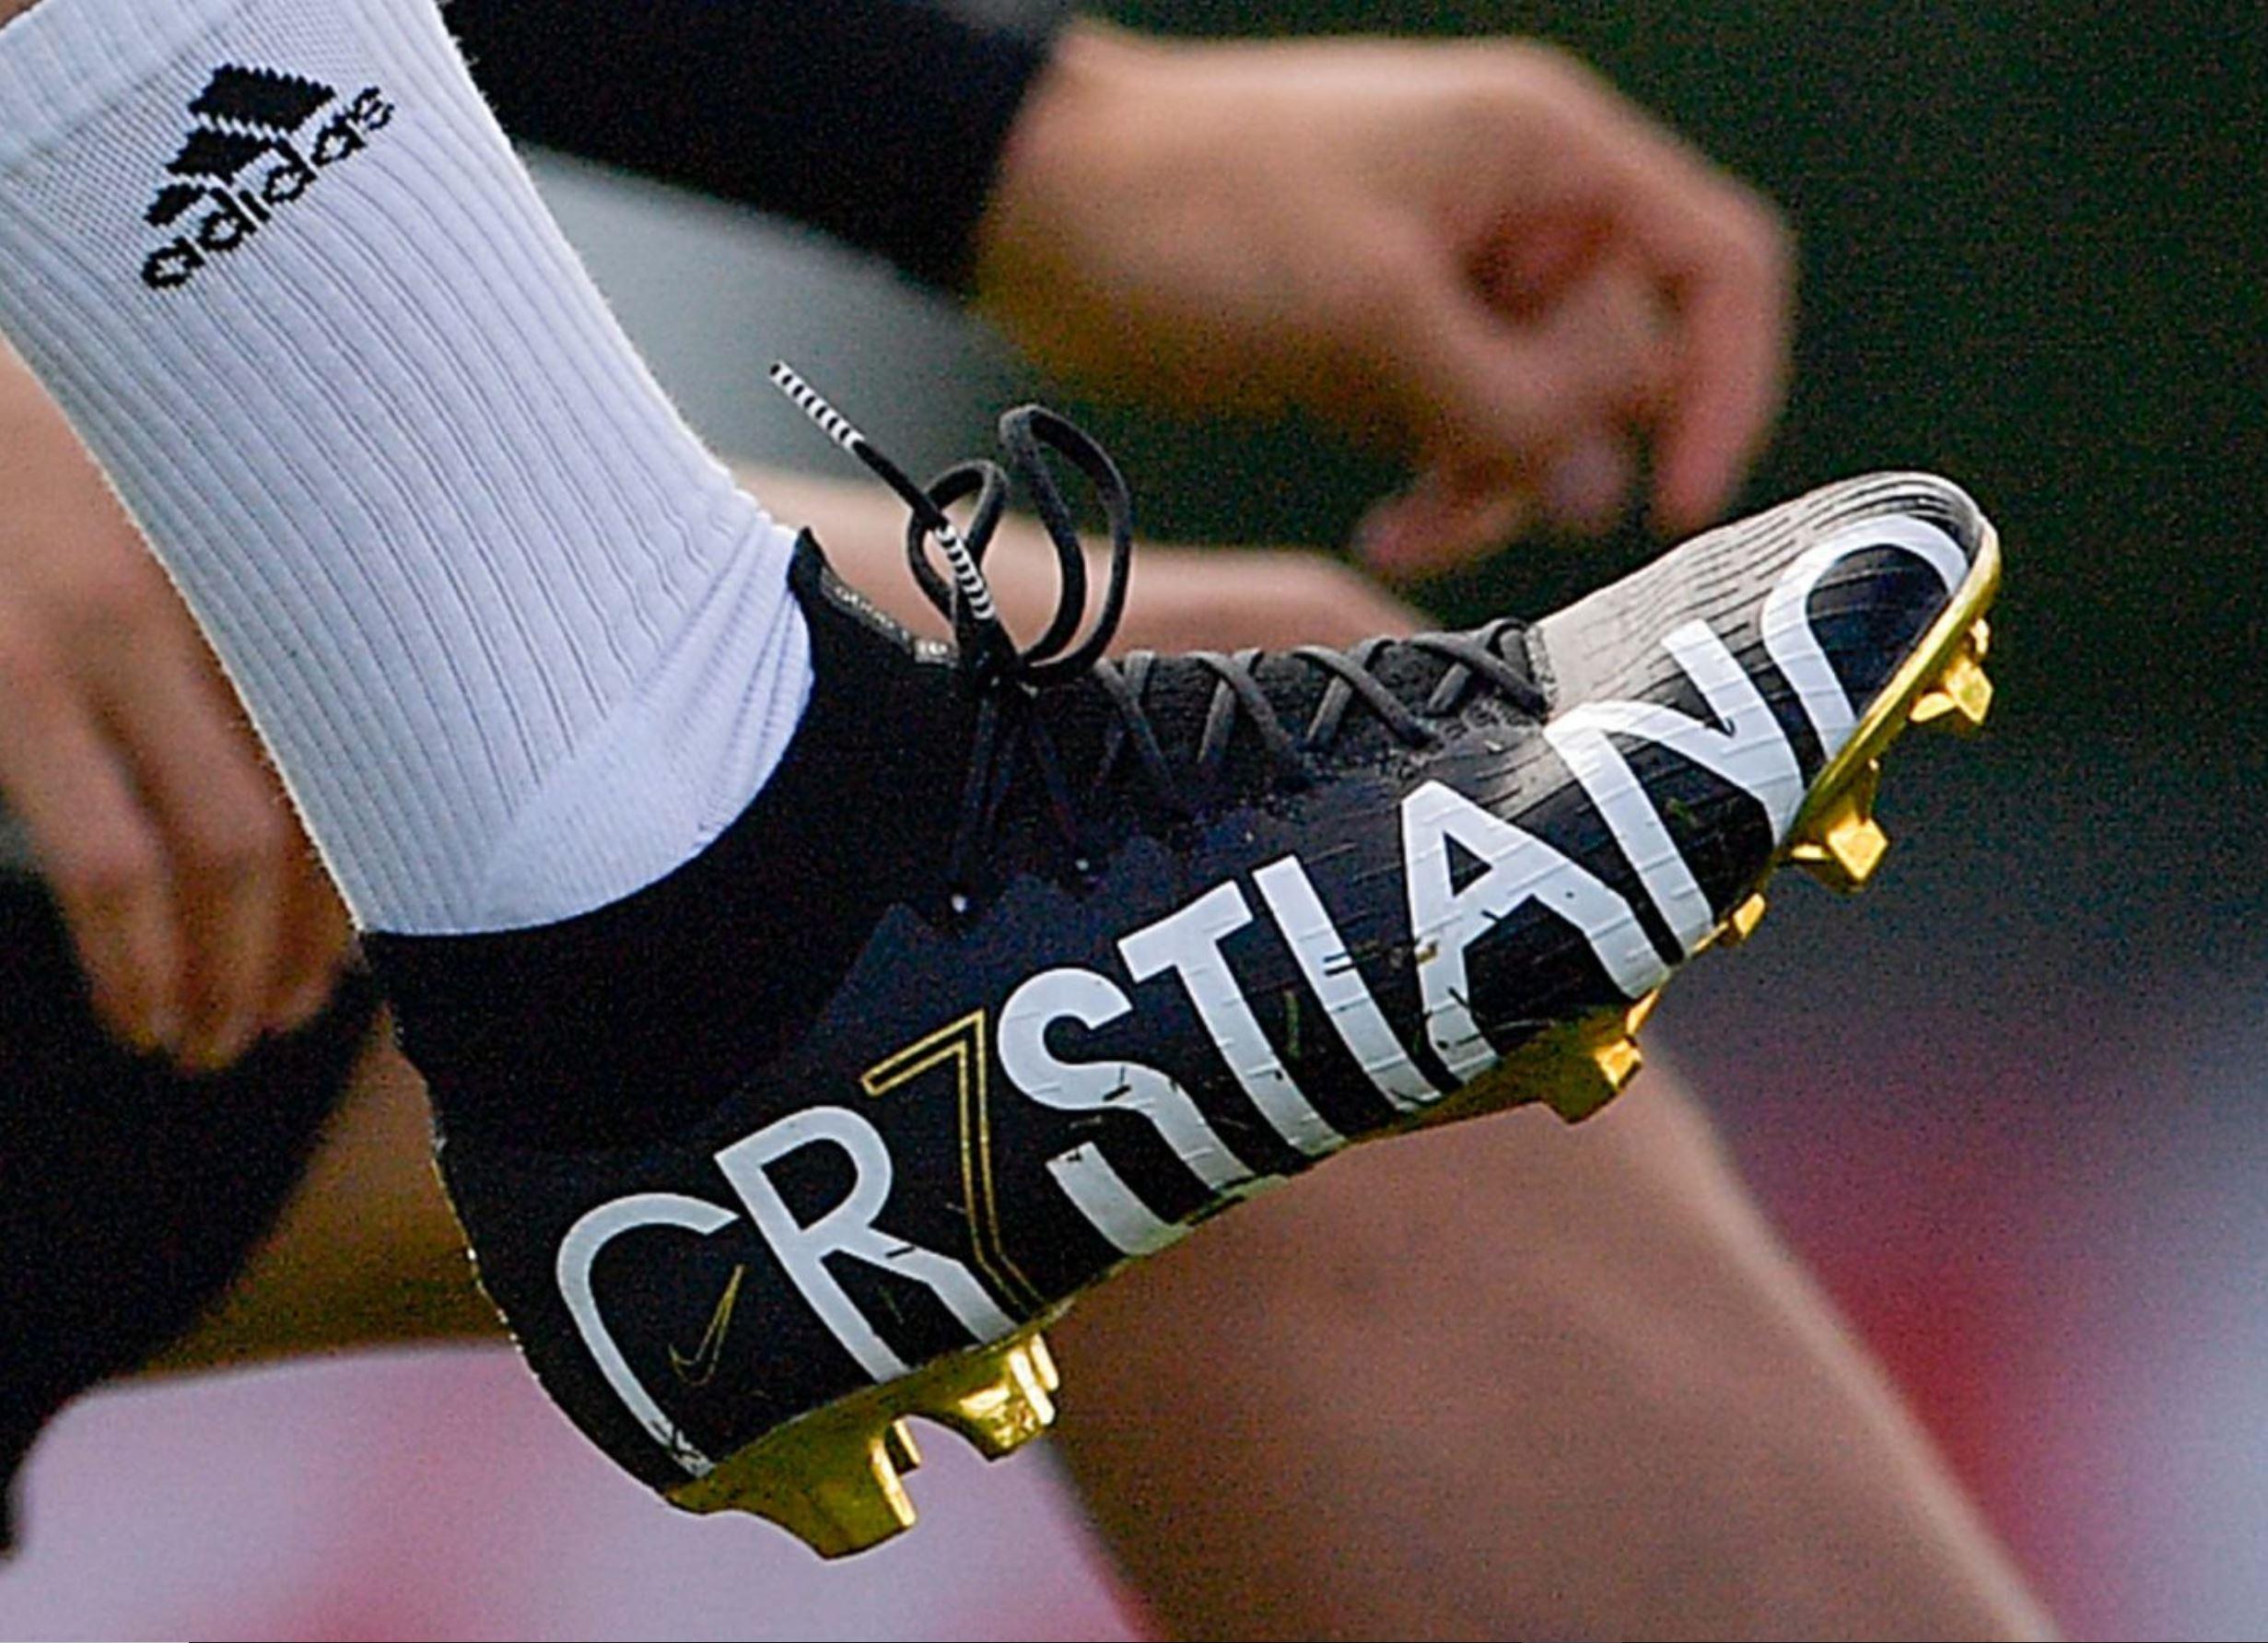 Cristiano Ronaldo Trains In Unreleased CR7 Signature Boots